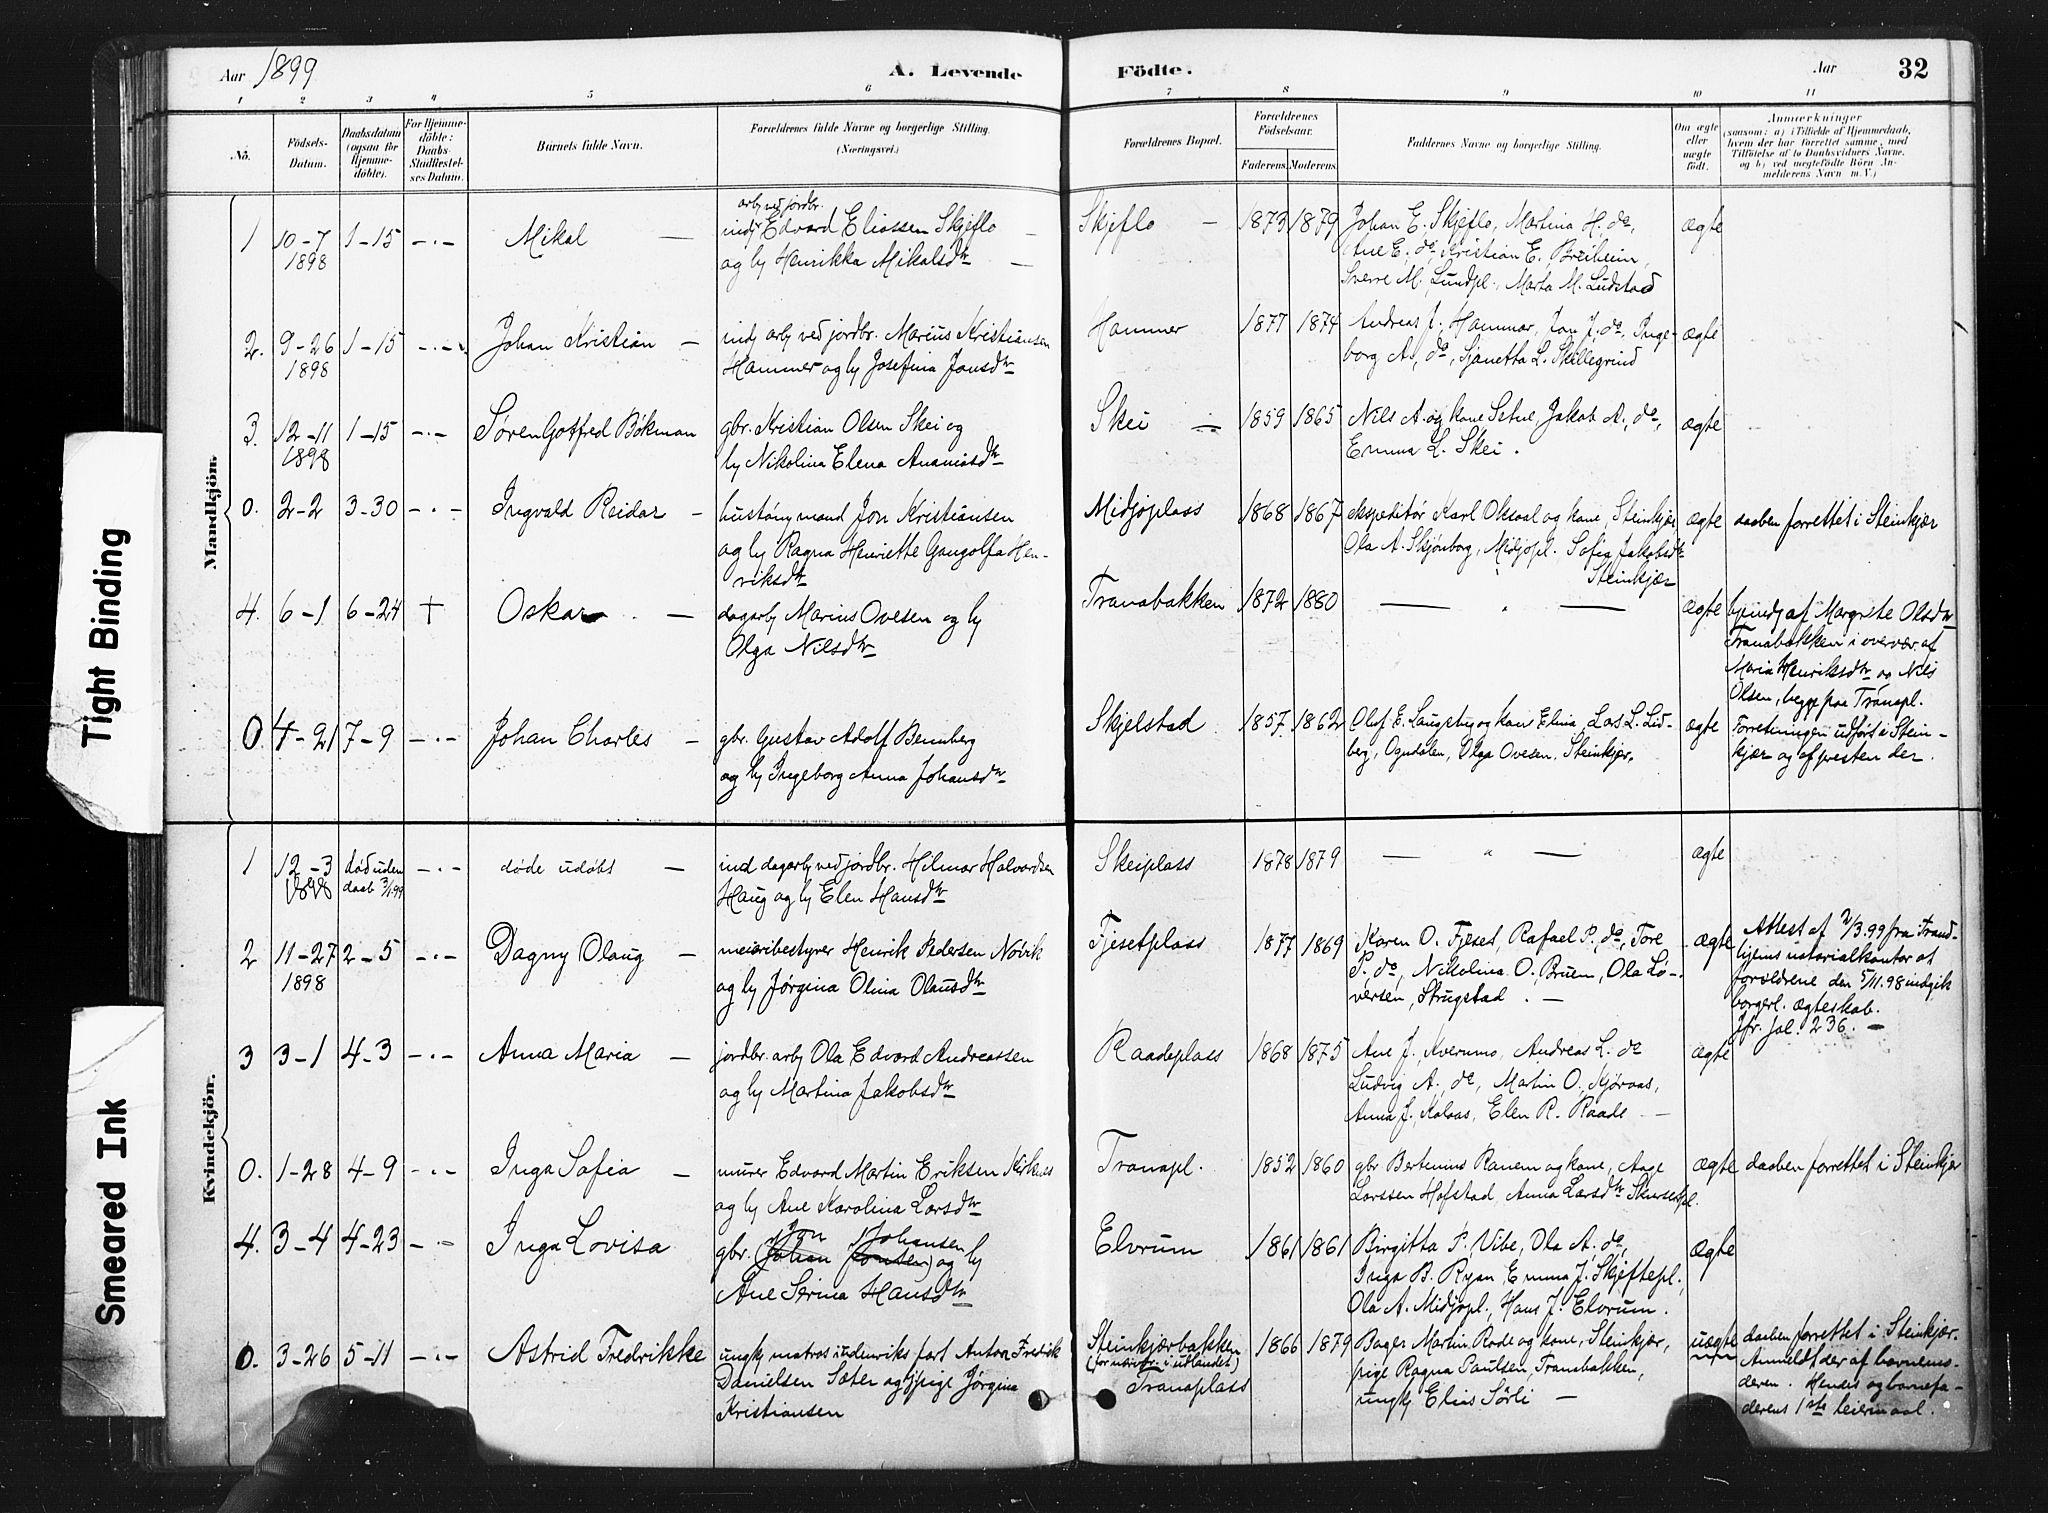 SAT, Ministerialprotokoller, klokkerbøker og fødselsregistre - Nord-Trøndelag, 736/L0361: Ministerialbok nr. 736A01, 1884-1906, s. 32